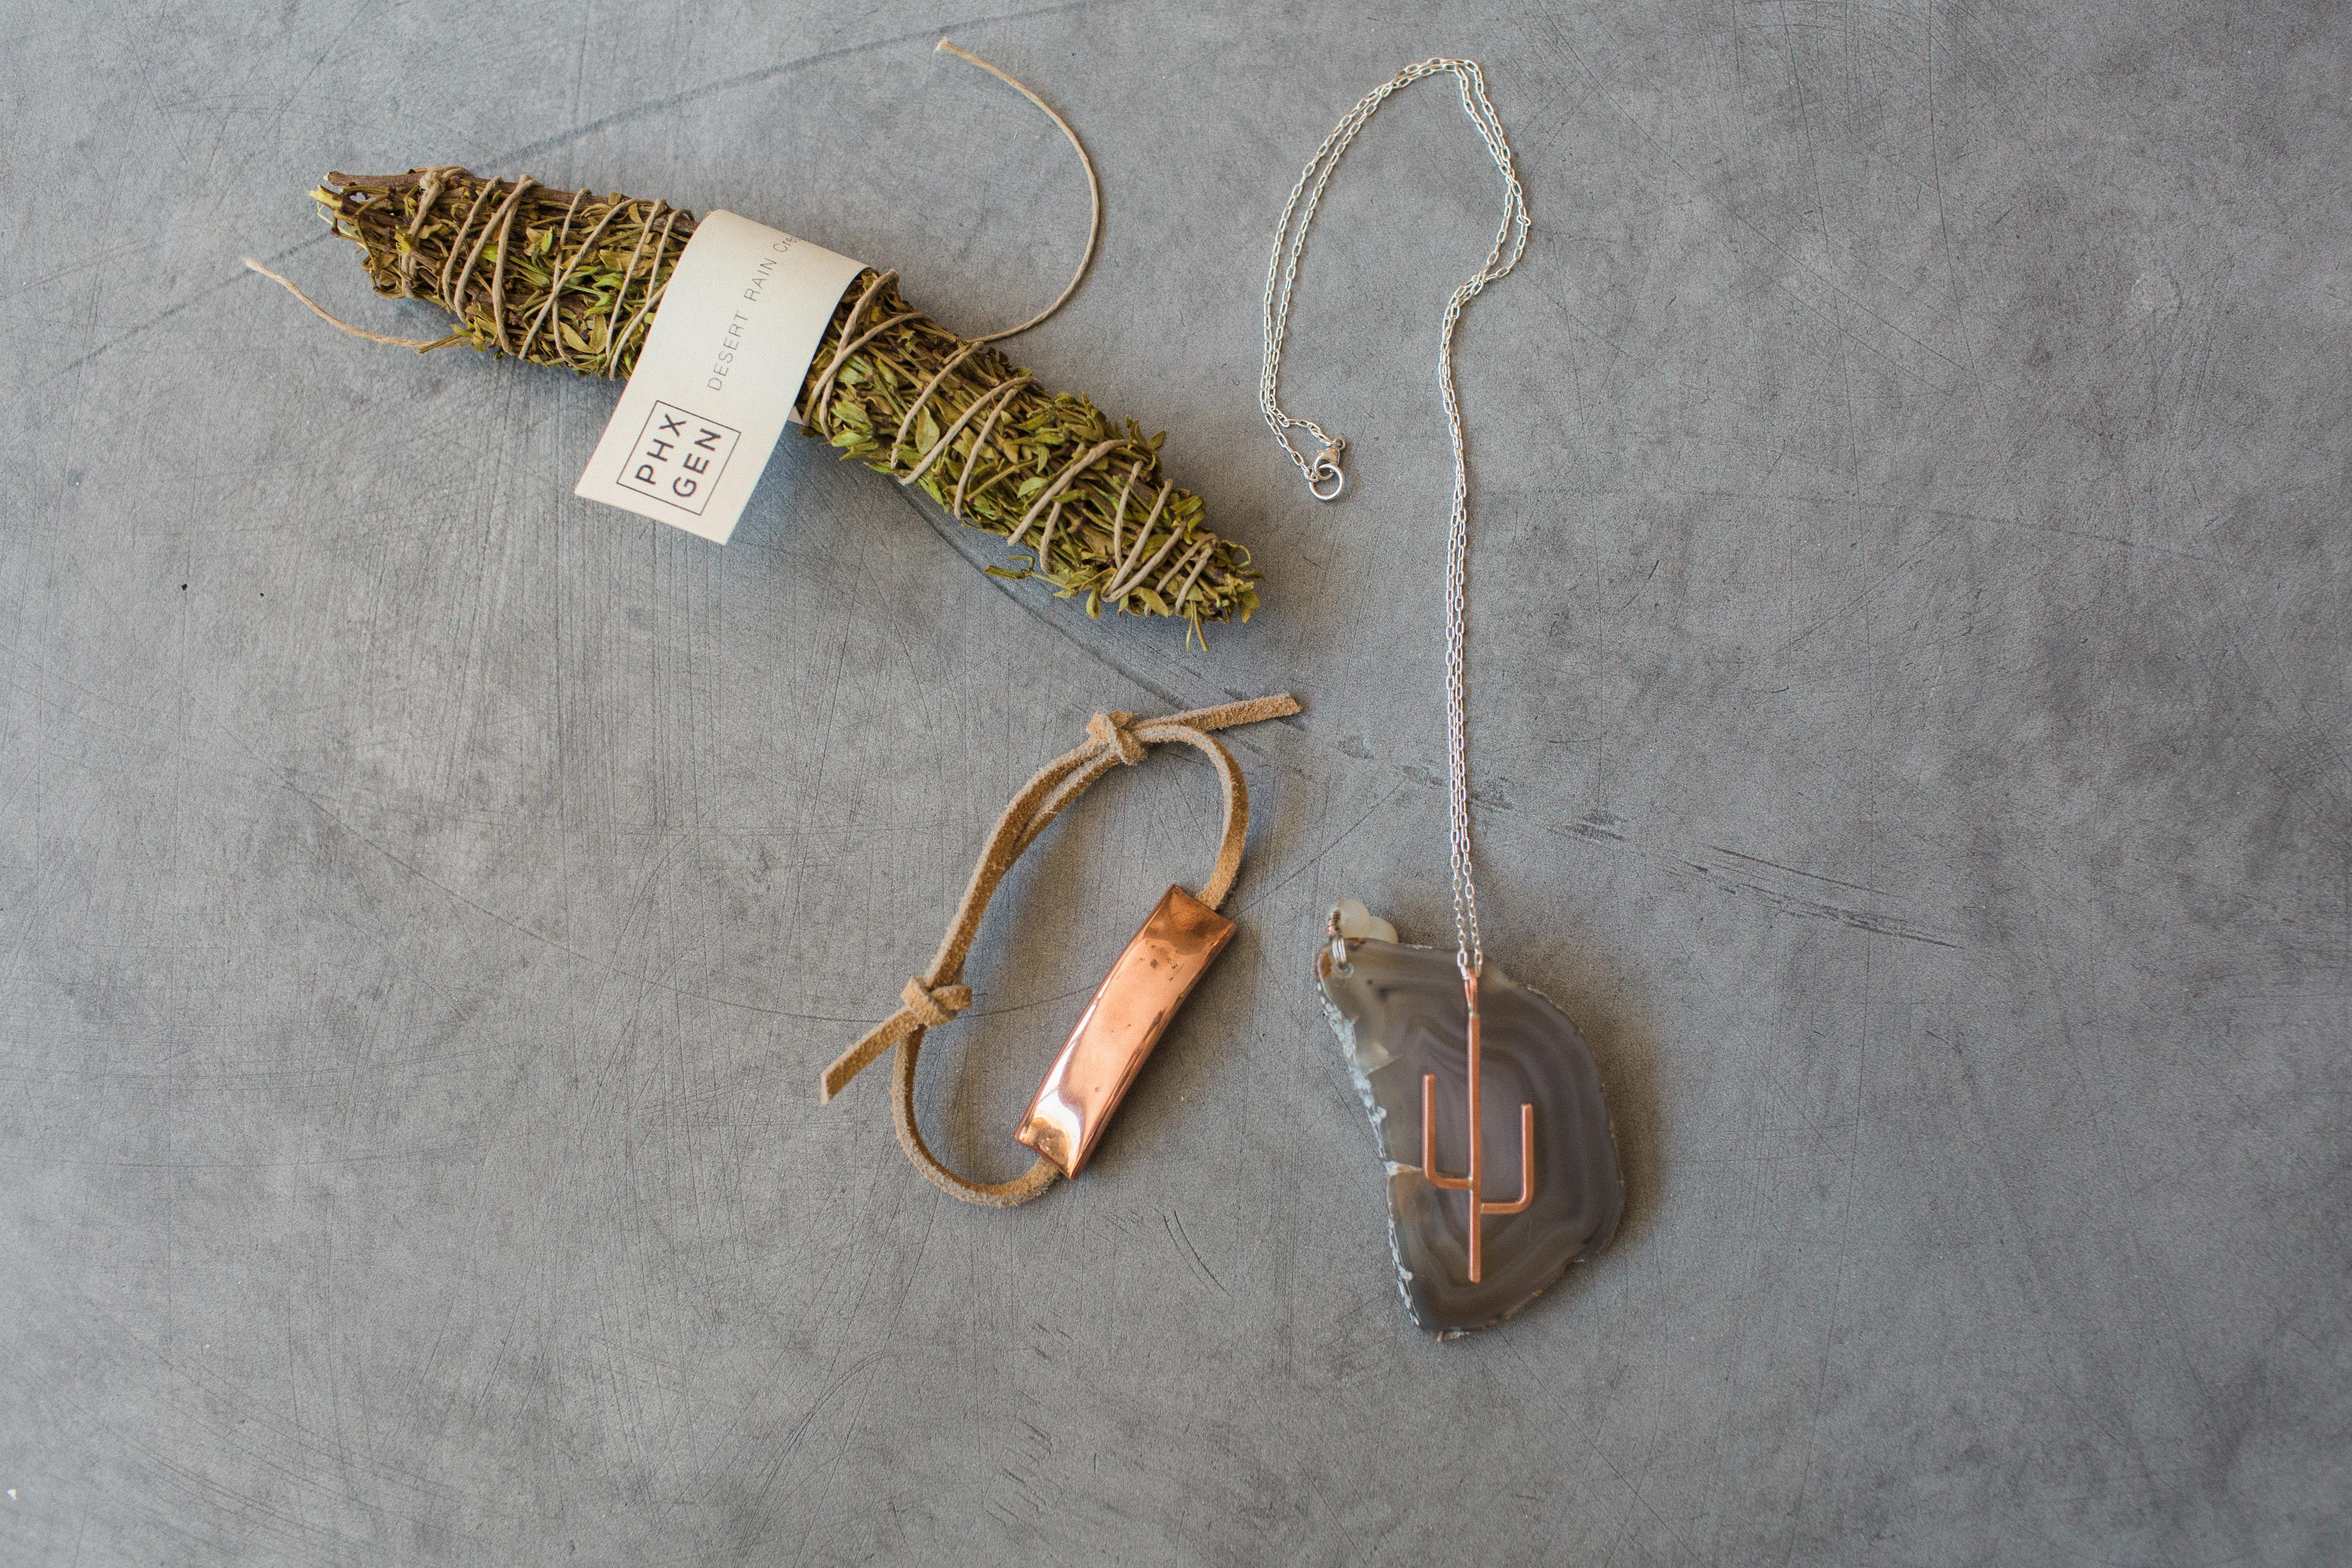 Hostess gift ideas made in Arizona